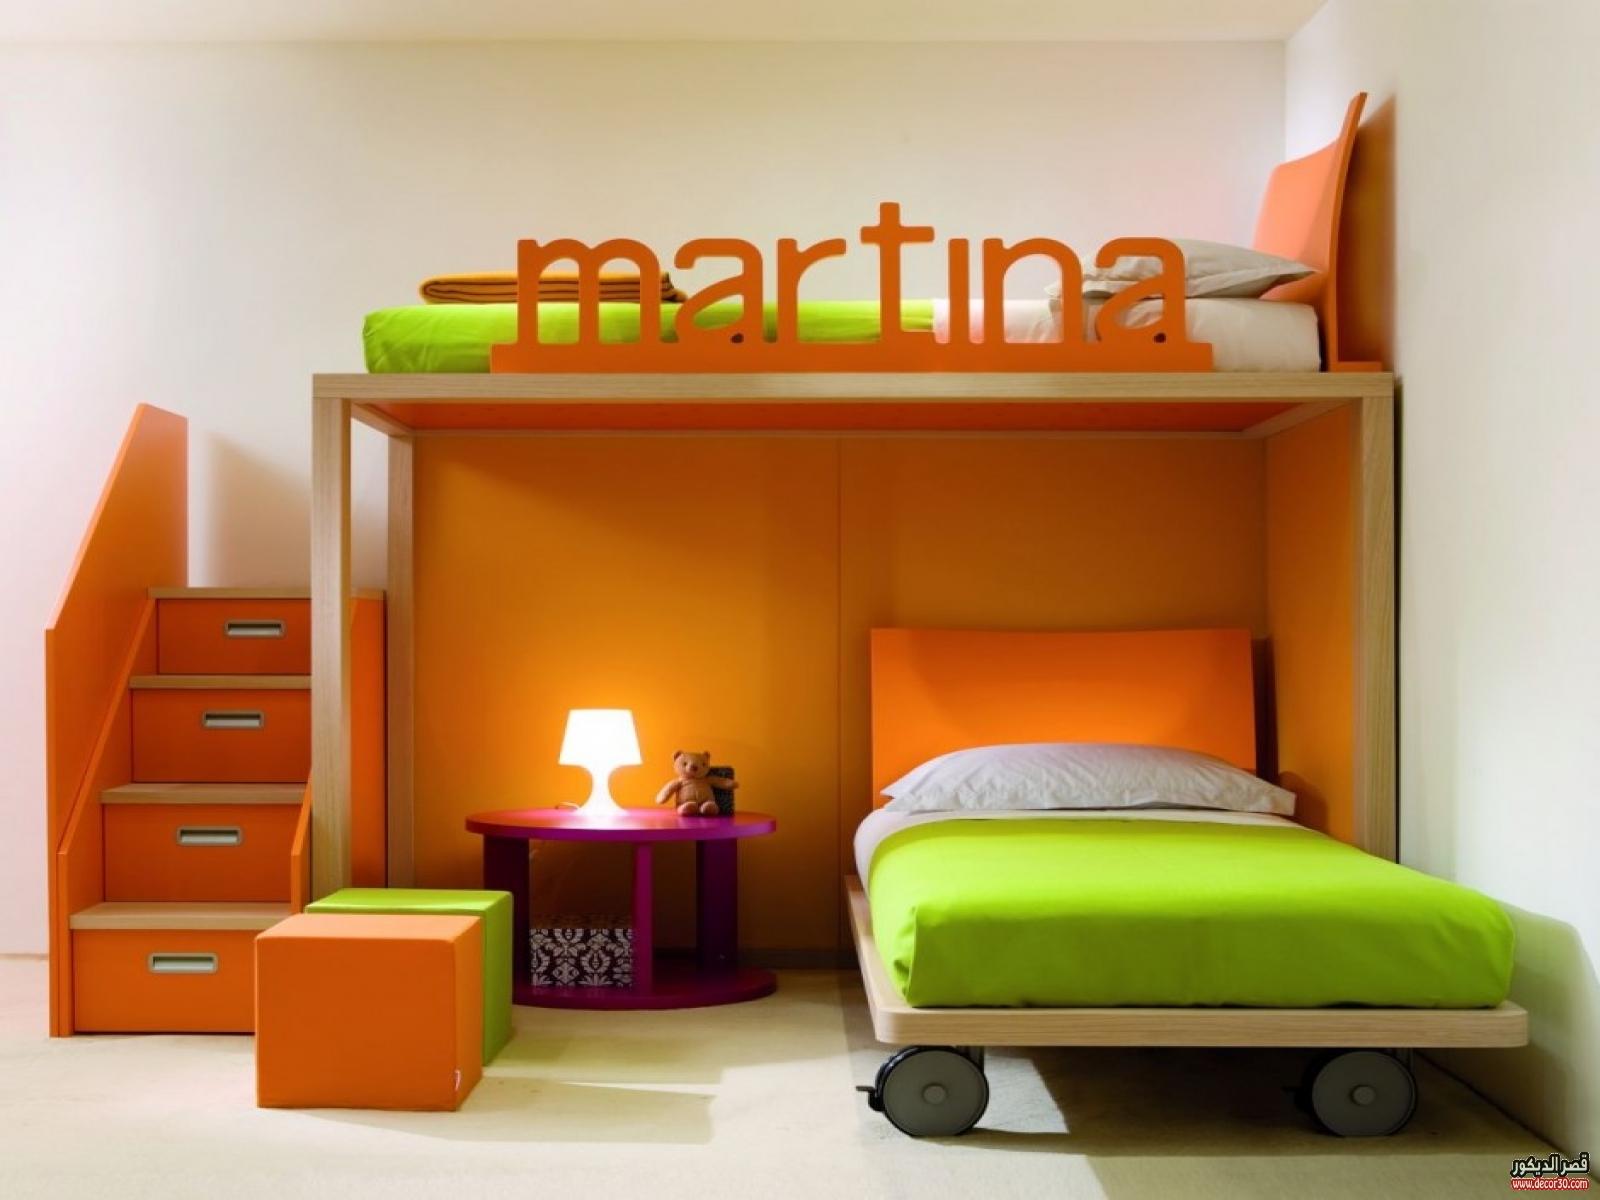 بالصور احدث غرف نوم اطفال , صور احدث غرف النوم للاطفال 3587 2